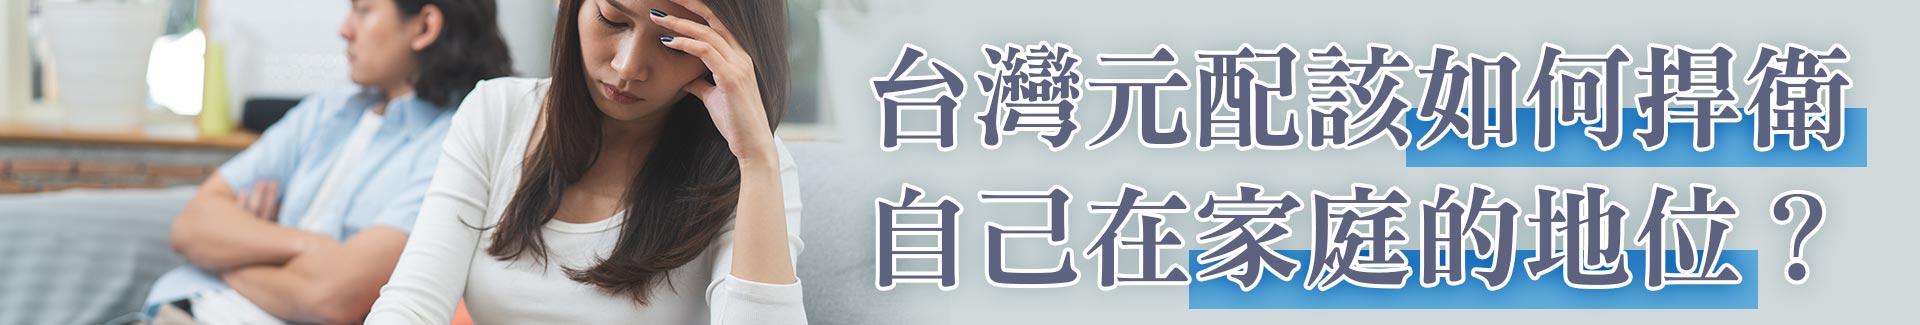 台灣元配該如何捍衛自己在家庭的地位